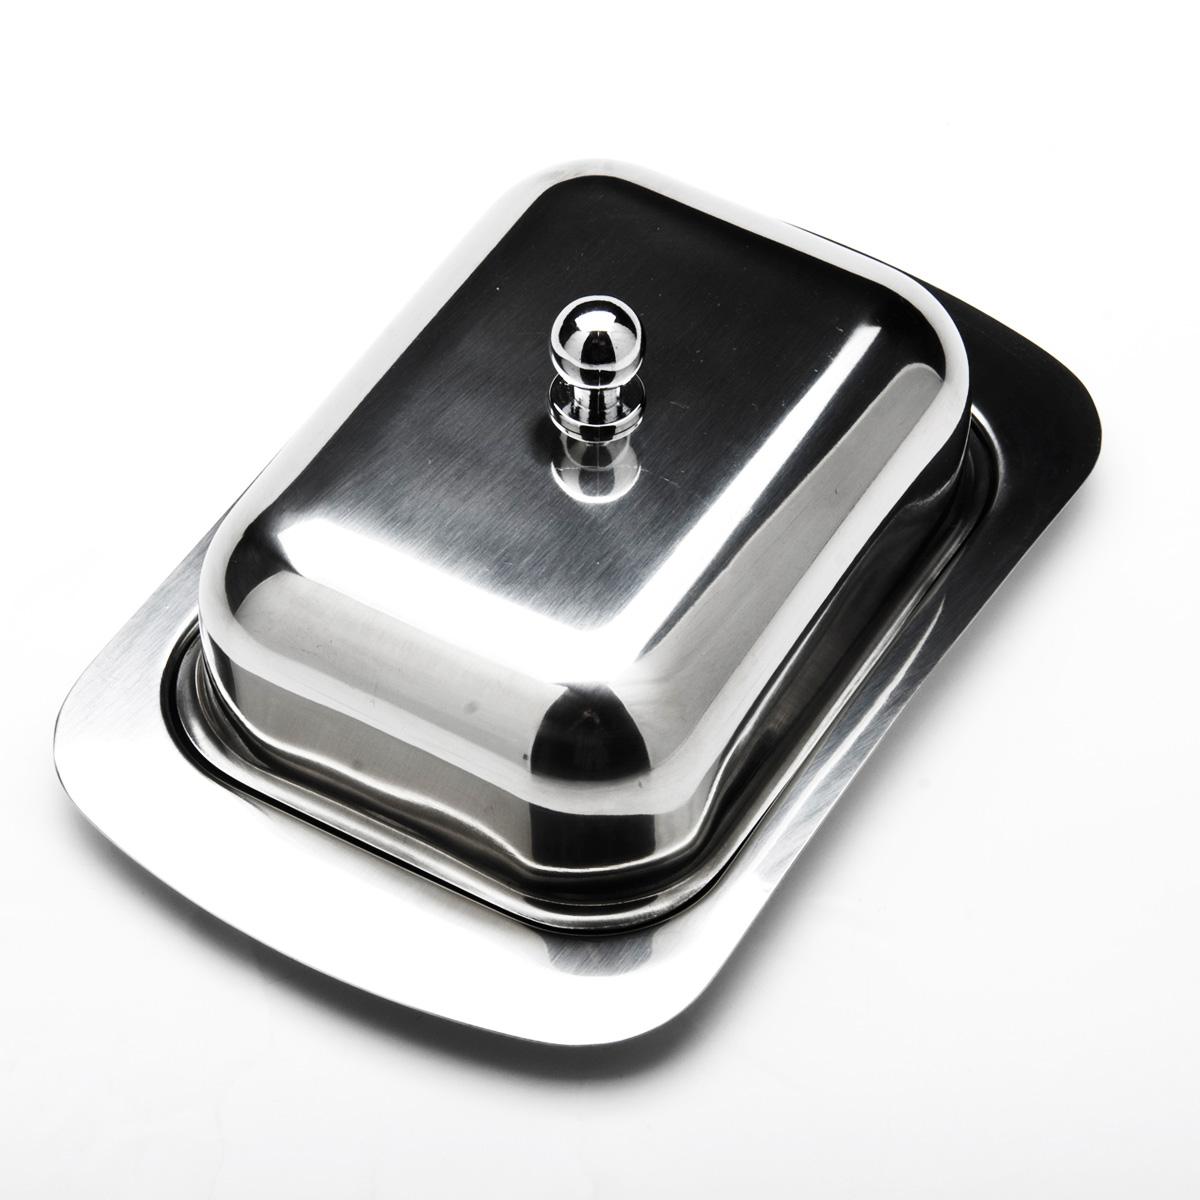 Масленка Mayer & Boch. 23515115510Масленка Mayer & Boch, изготовленная из высококачественной нержавеющей стали, предназначена для красивой сервировки и хранения масла. Она состоит из подноса и крышки с ручкой. Масло в ней долго остается свежим, а при хранении в холодильнике не впитывает посторонние запахи. Гладкая поверхность обеспечивает легкую чистку. Можно мыть в посудомоечной машине. Размер подноса: 19 см х 12 см х 2 см. Размер крышки: 13,5 см х 10 см х 6 см.